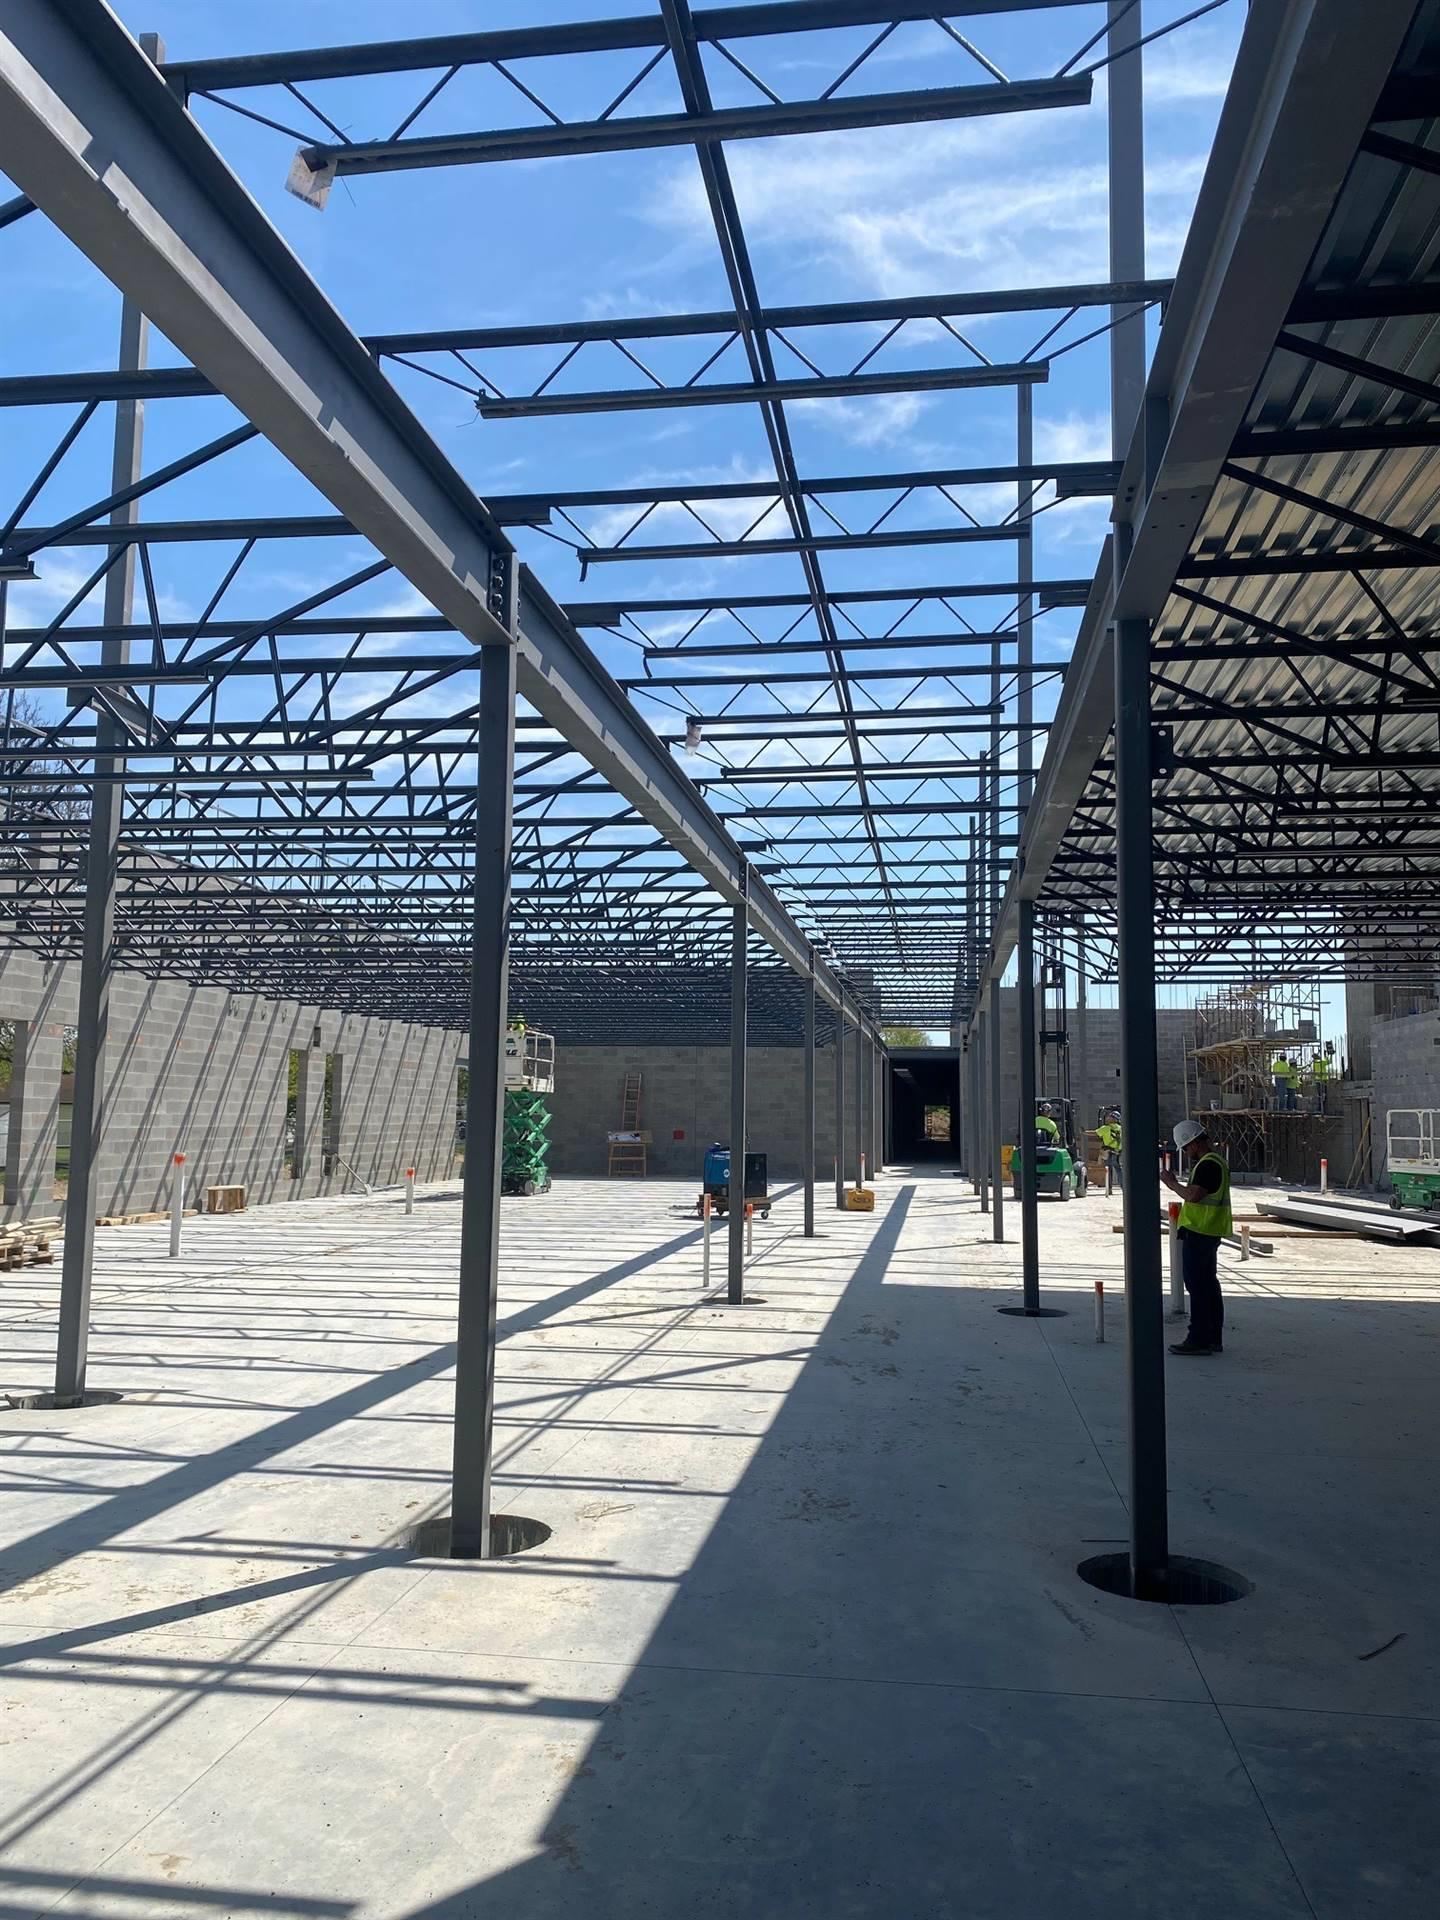 April 27th Area A Fairborn Intermediate School construction site